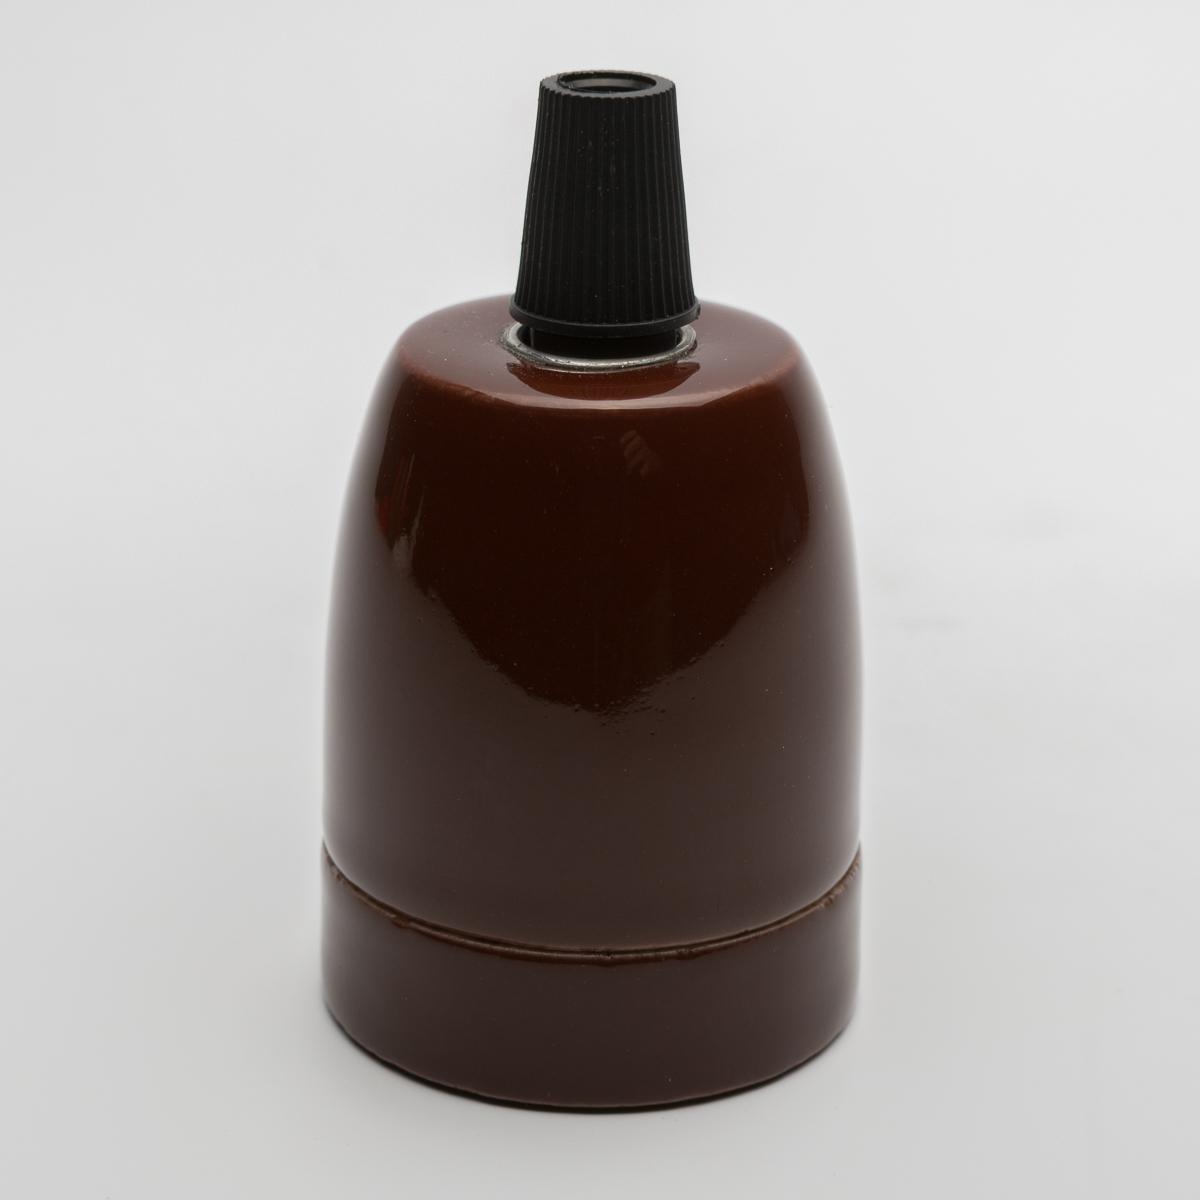 Патрон керамический коричневый